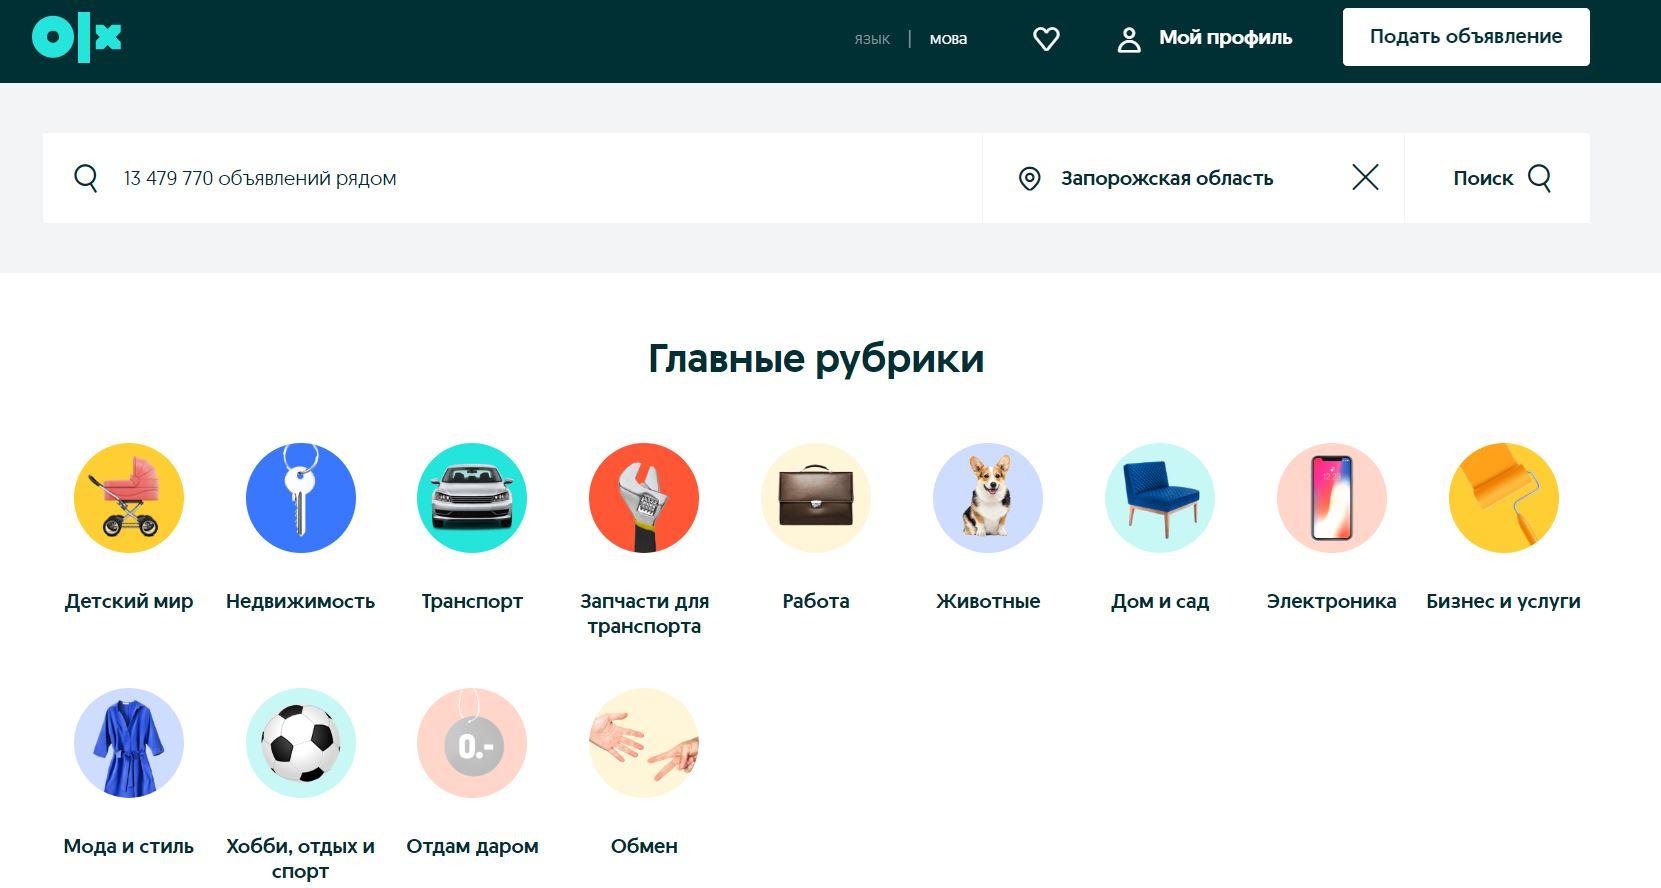 Обновленный дизайн сайтаДизайнеры и предприниматели о новом логотипе OLX: «Похоже на государственный сервис»